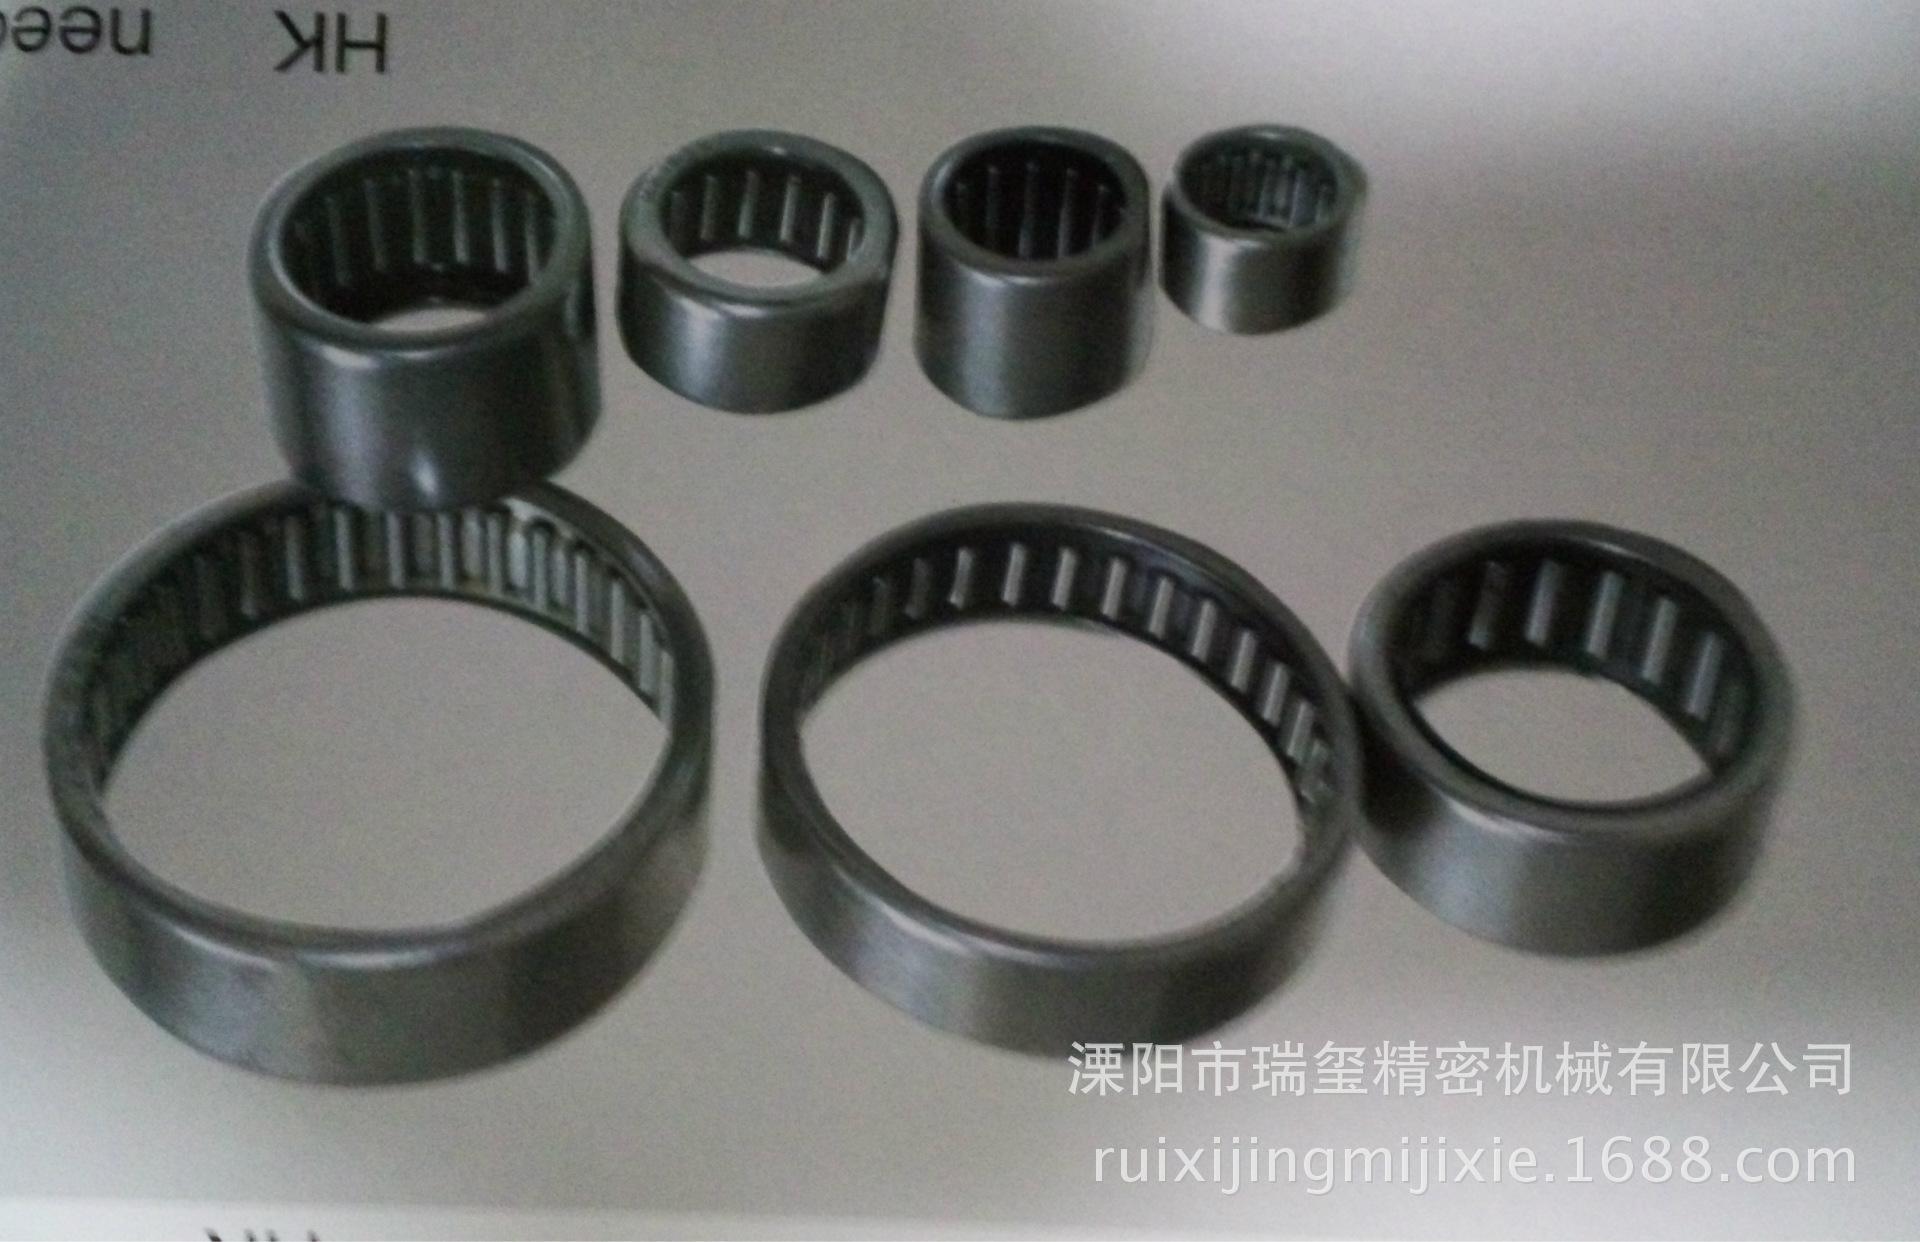 现货供应 定制 不锈钢滚针轴承 滚针轴承 品质保证!